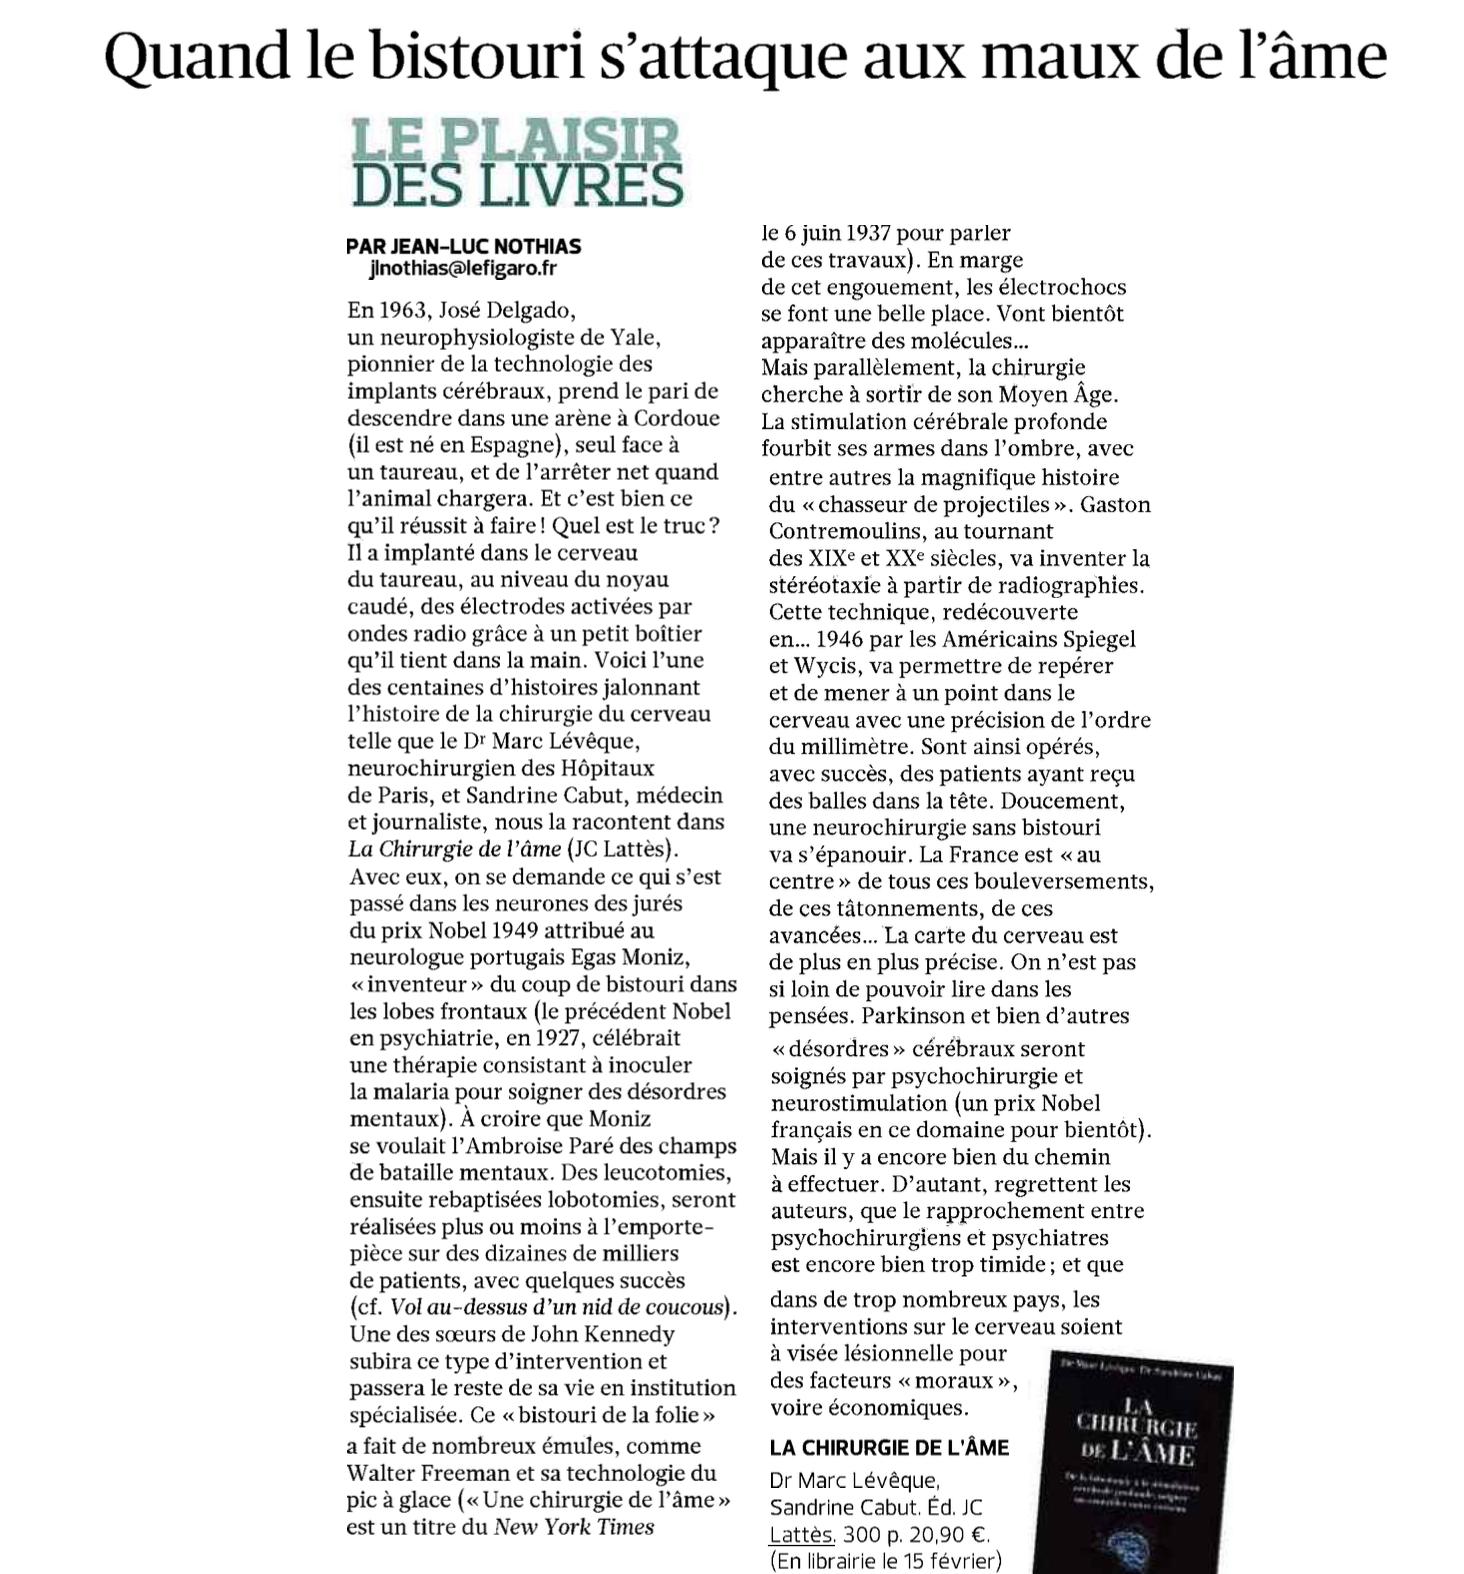 Le Figaro - 6 février 2017